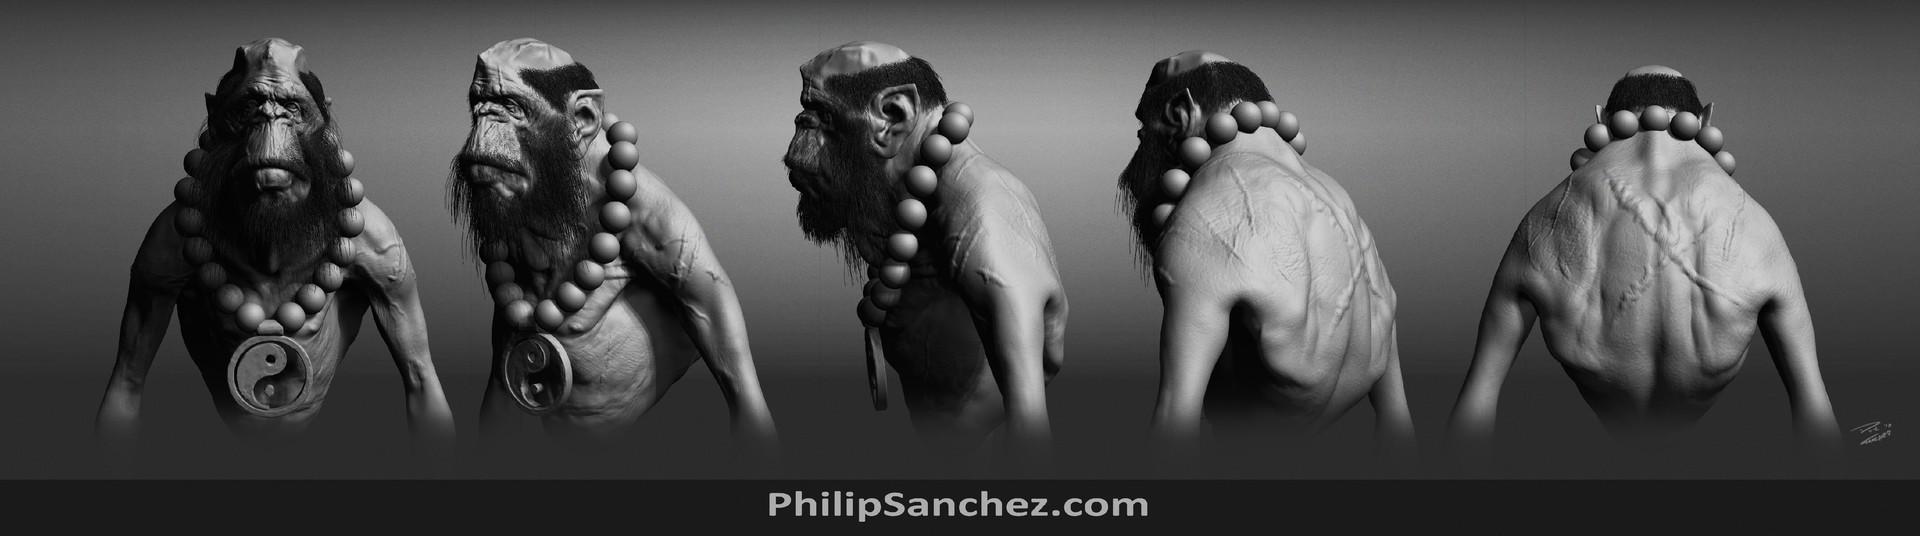 Philip sanchez turnaround2